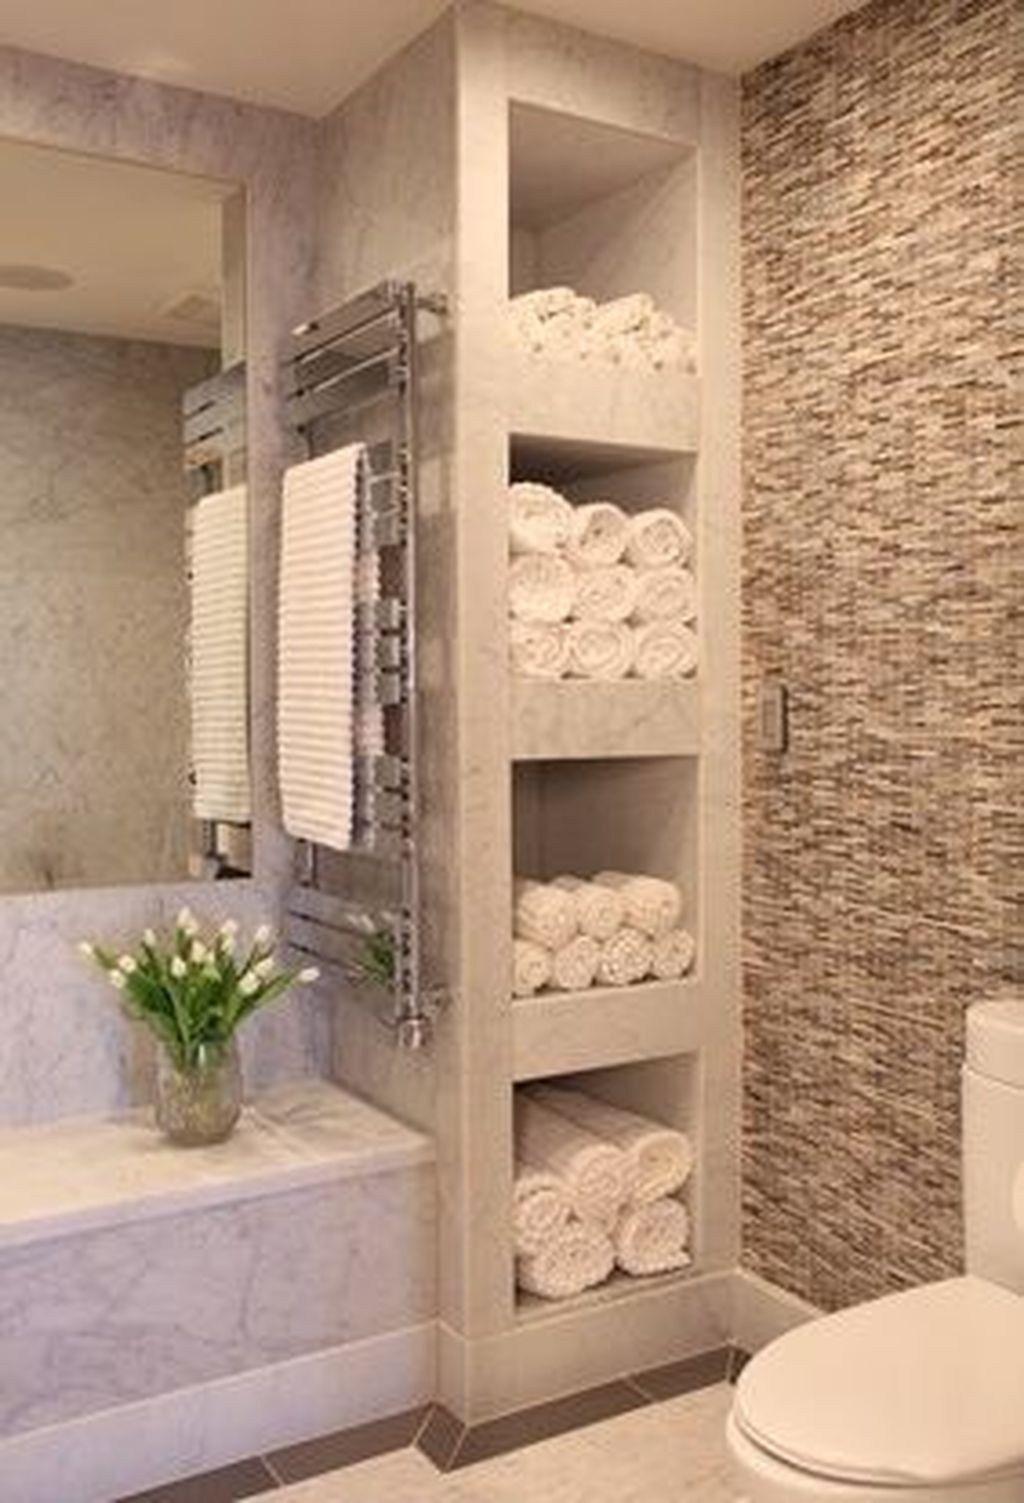 50 Inspirierende Ideen für Badetuchablagen   Diy und Deko ...